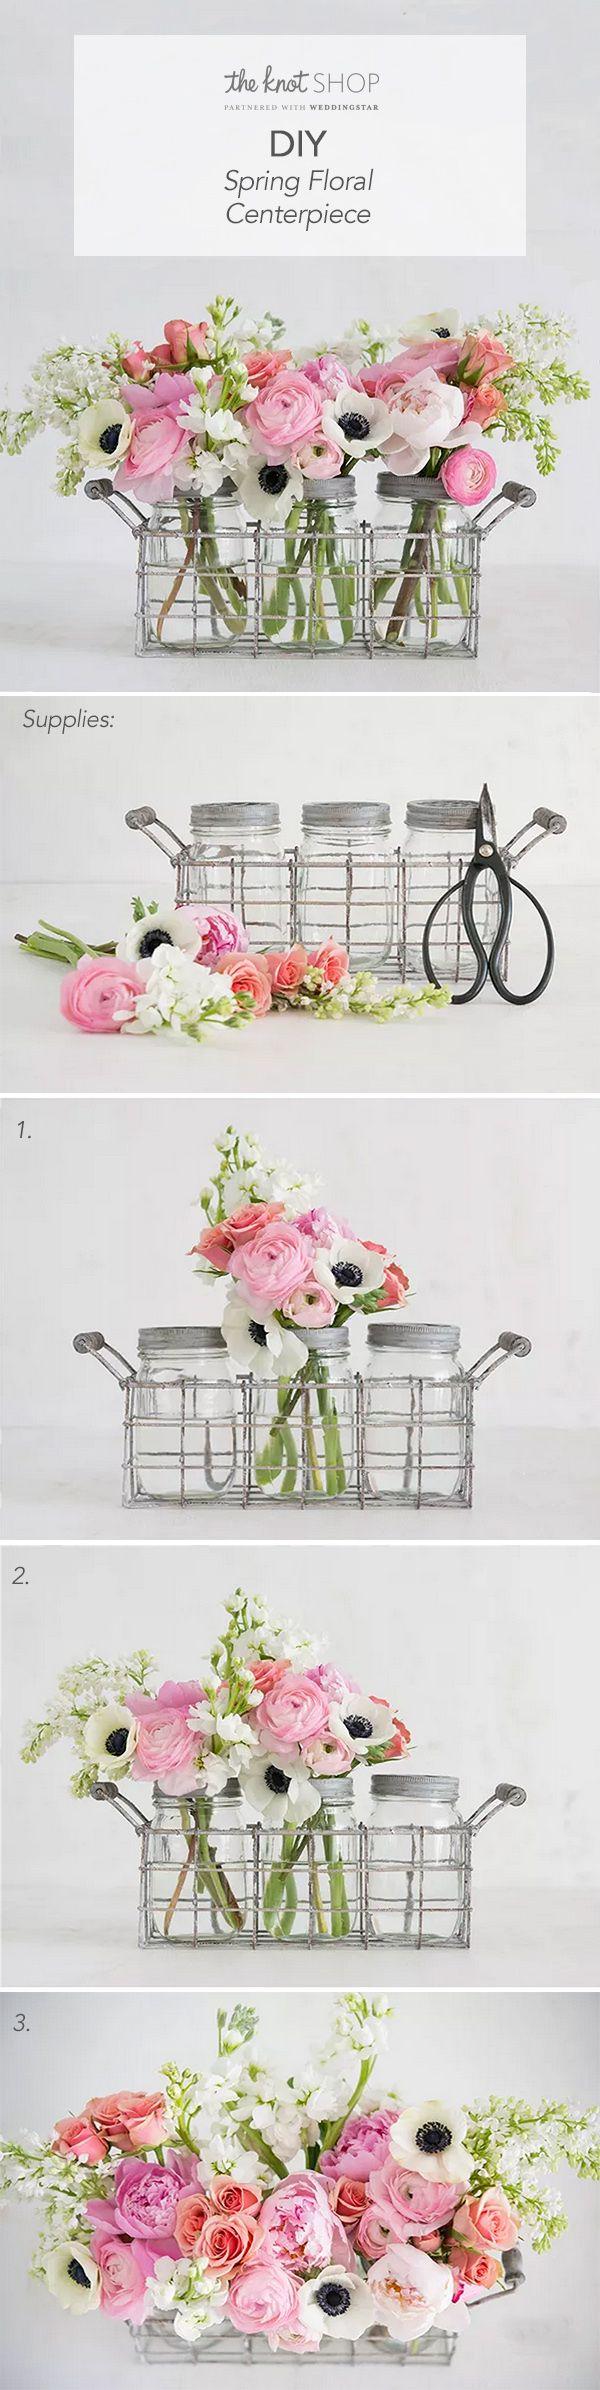 DIY Spring Floral Centerpieces